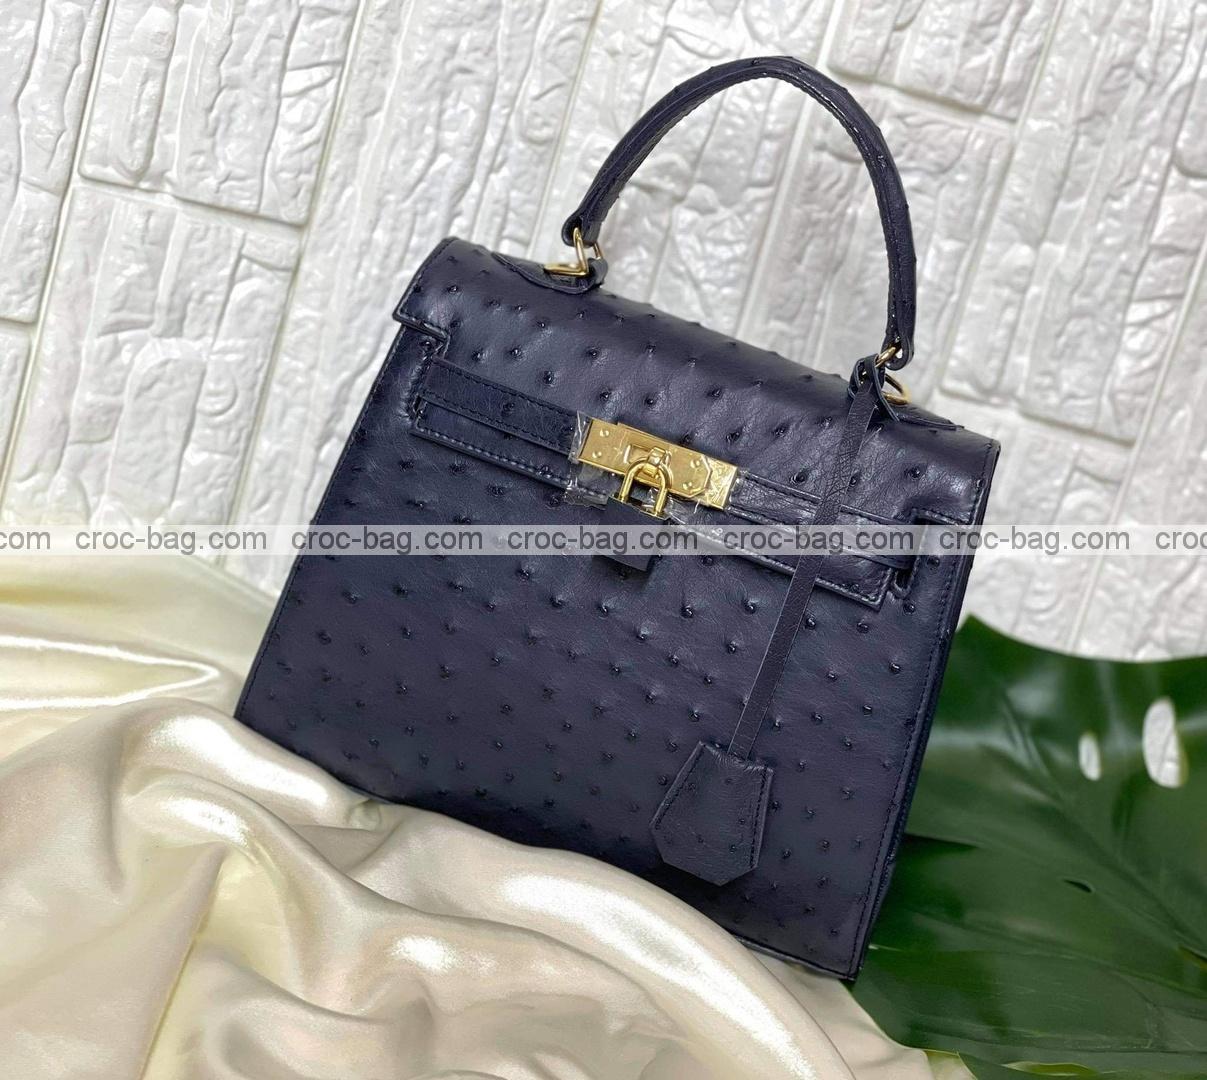 กระเป๋าหนังนกกระจอกเทศหรับผู้หญิง 5297